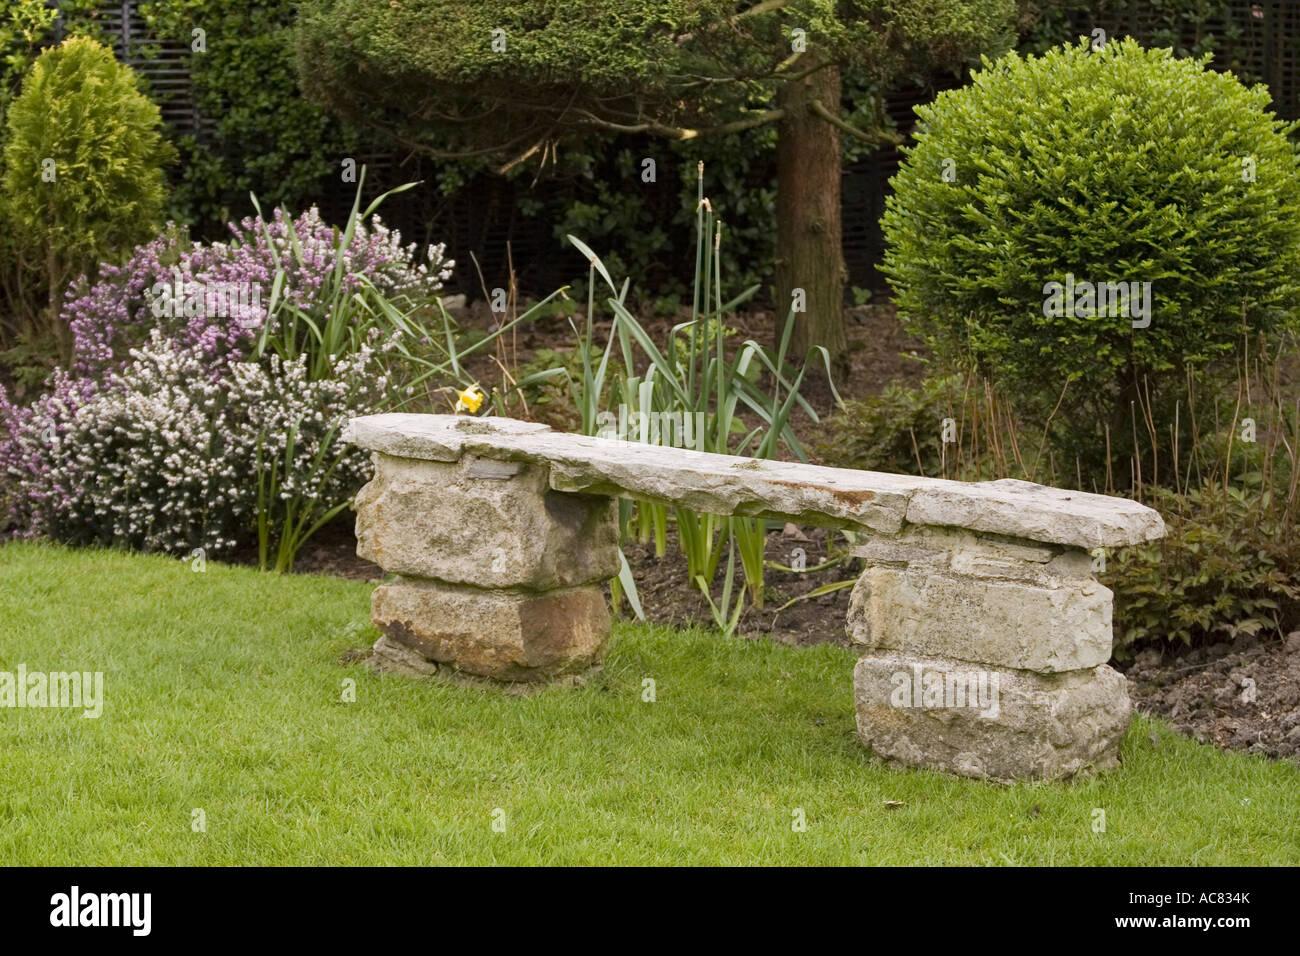 Leere Stein Garten-Sitzplatz Stockfoto, Bild: 13071906 - Alamy